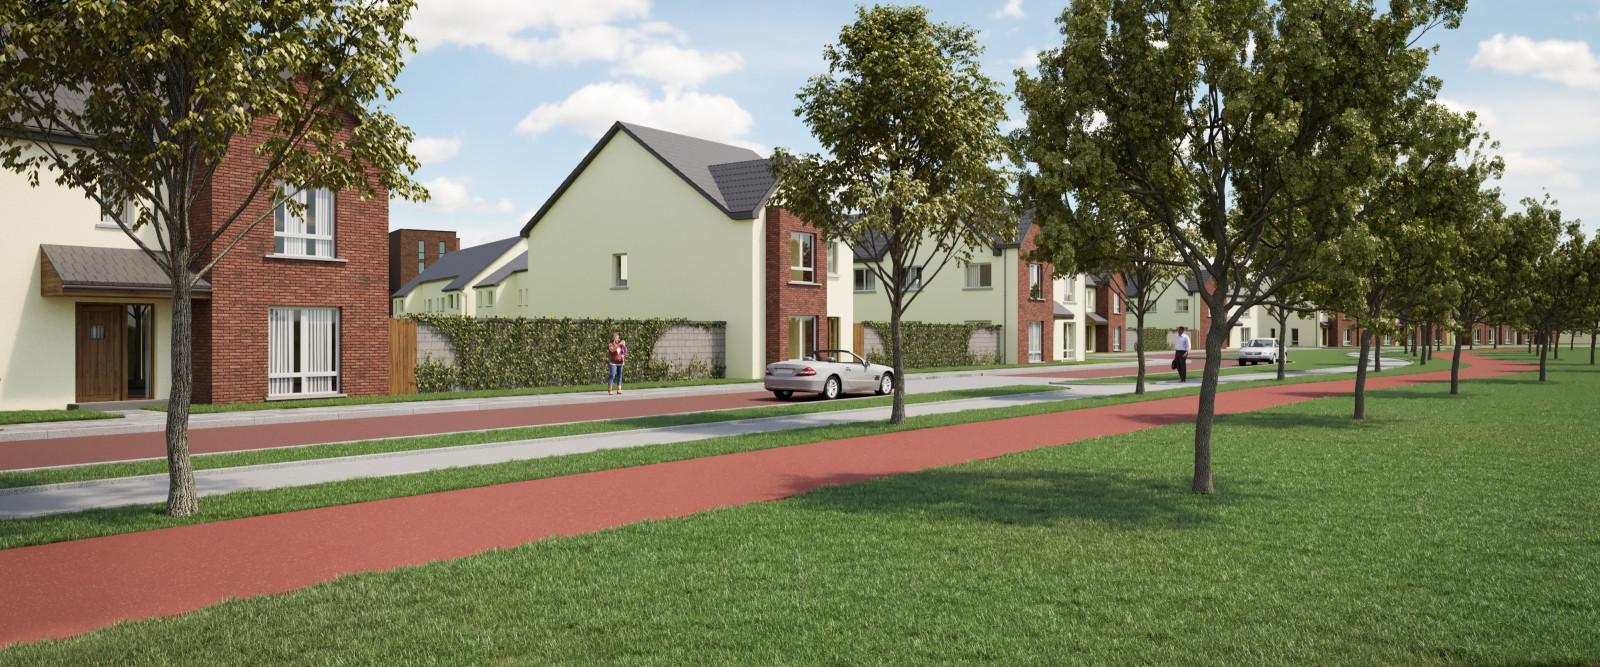 Boycetown, Kilcock and Commons West, Kilcock, Co. Kildare